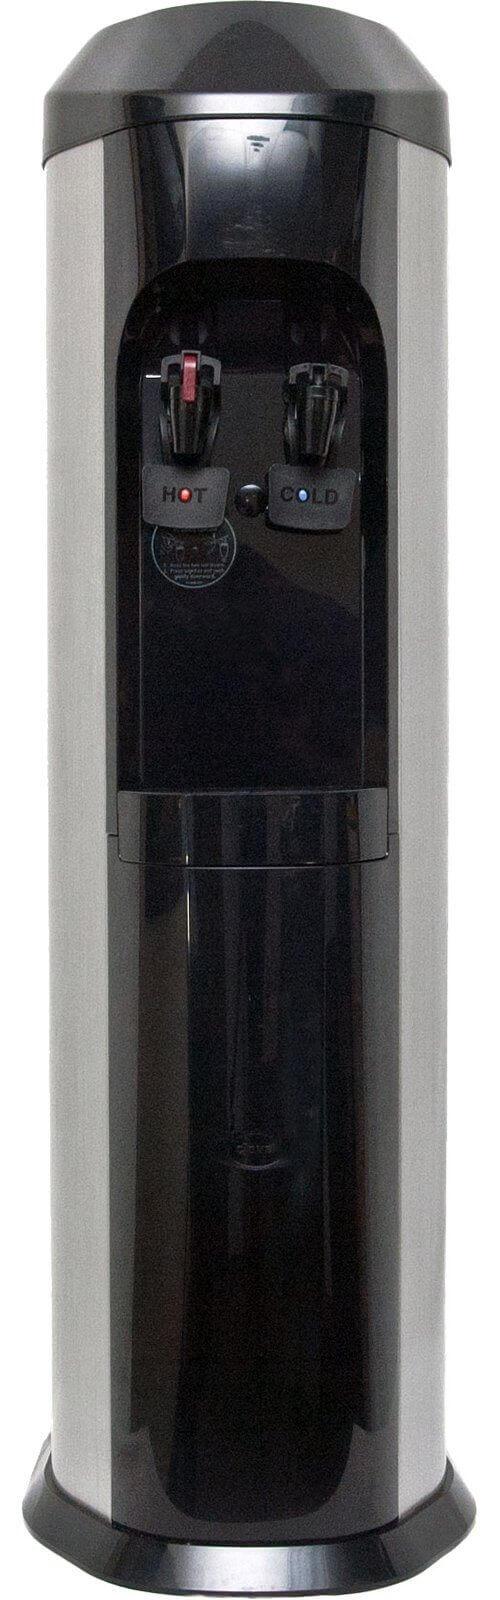 Clover D16 A-B Water Dispenser